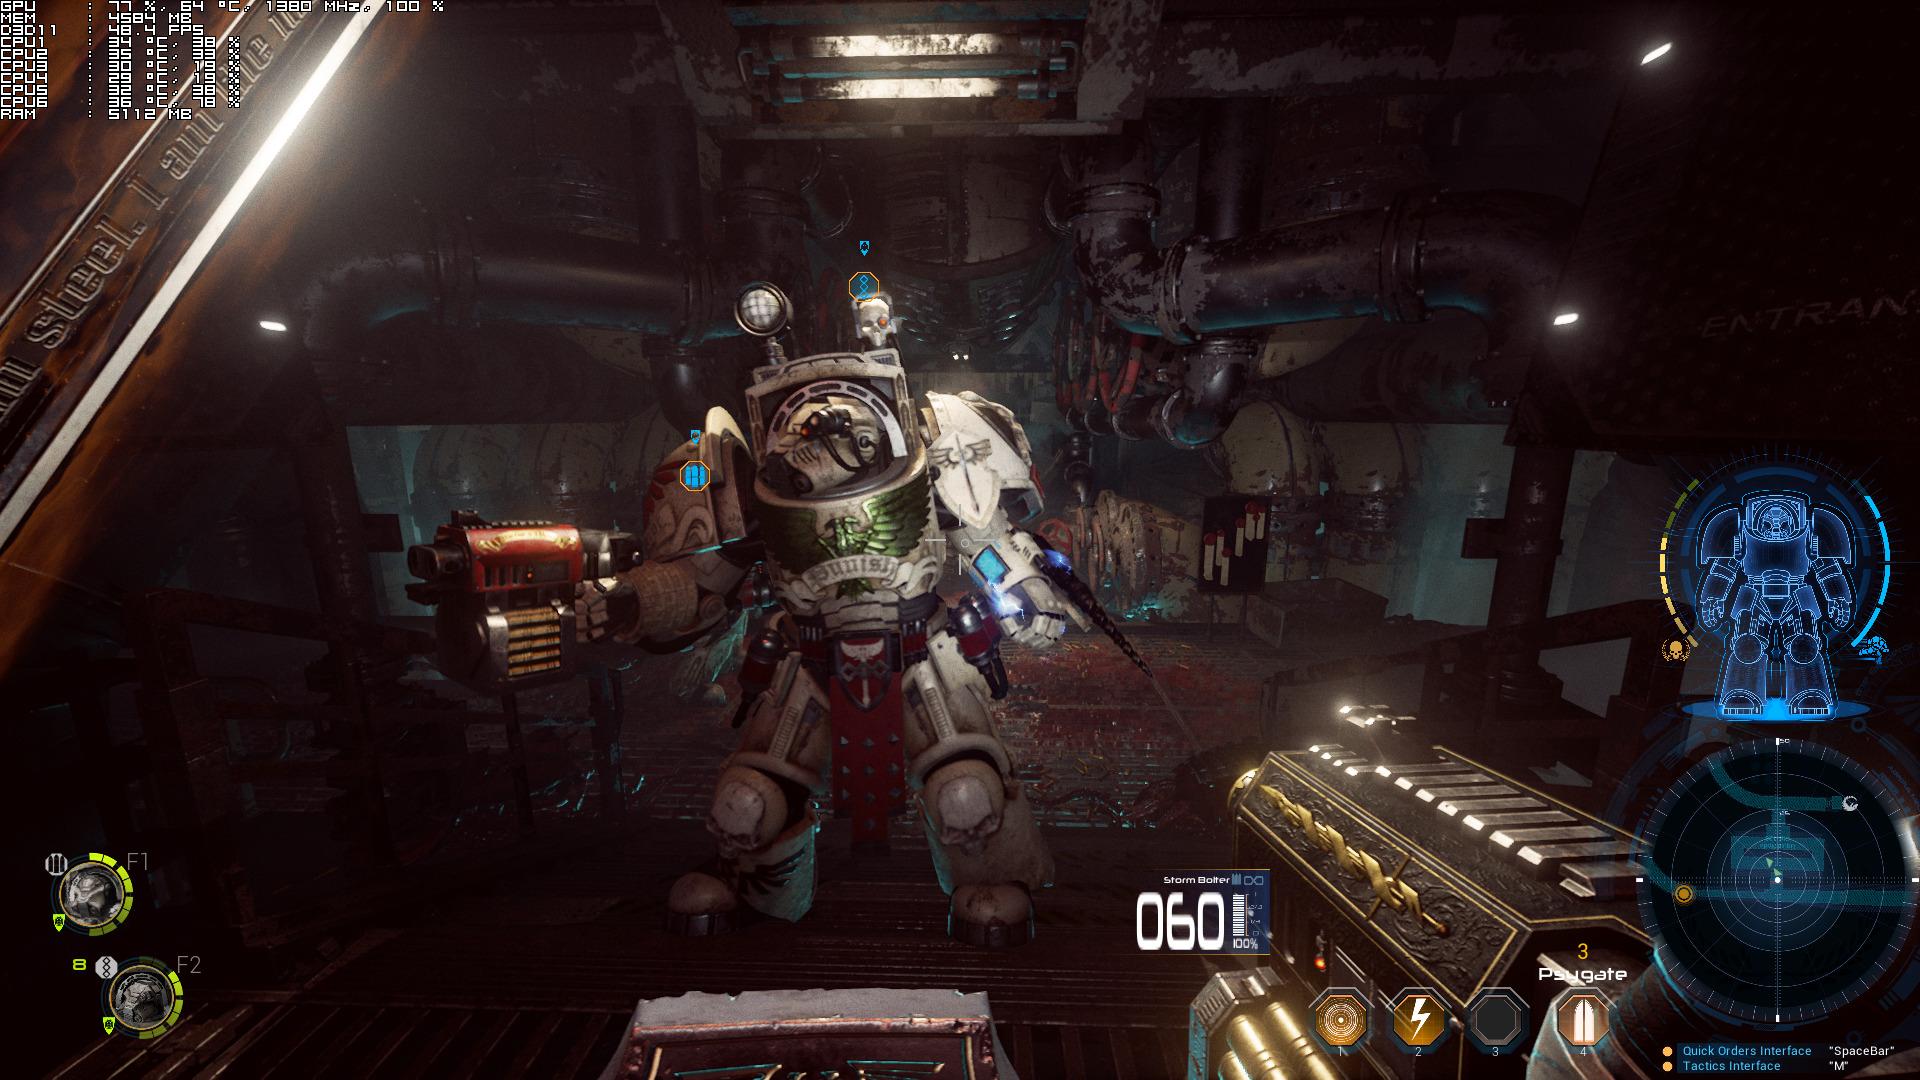 Space Hulk: Deathwing - PC Performance Analysis - DSOGaming